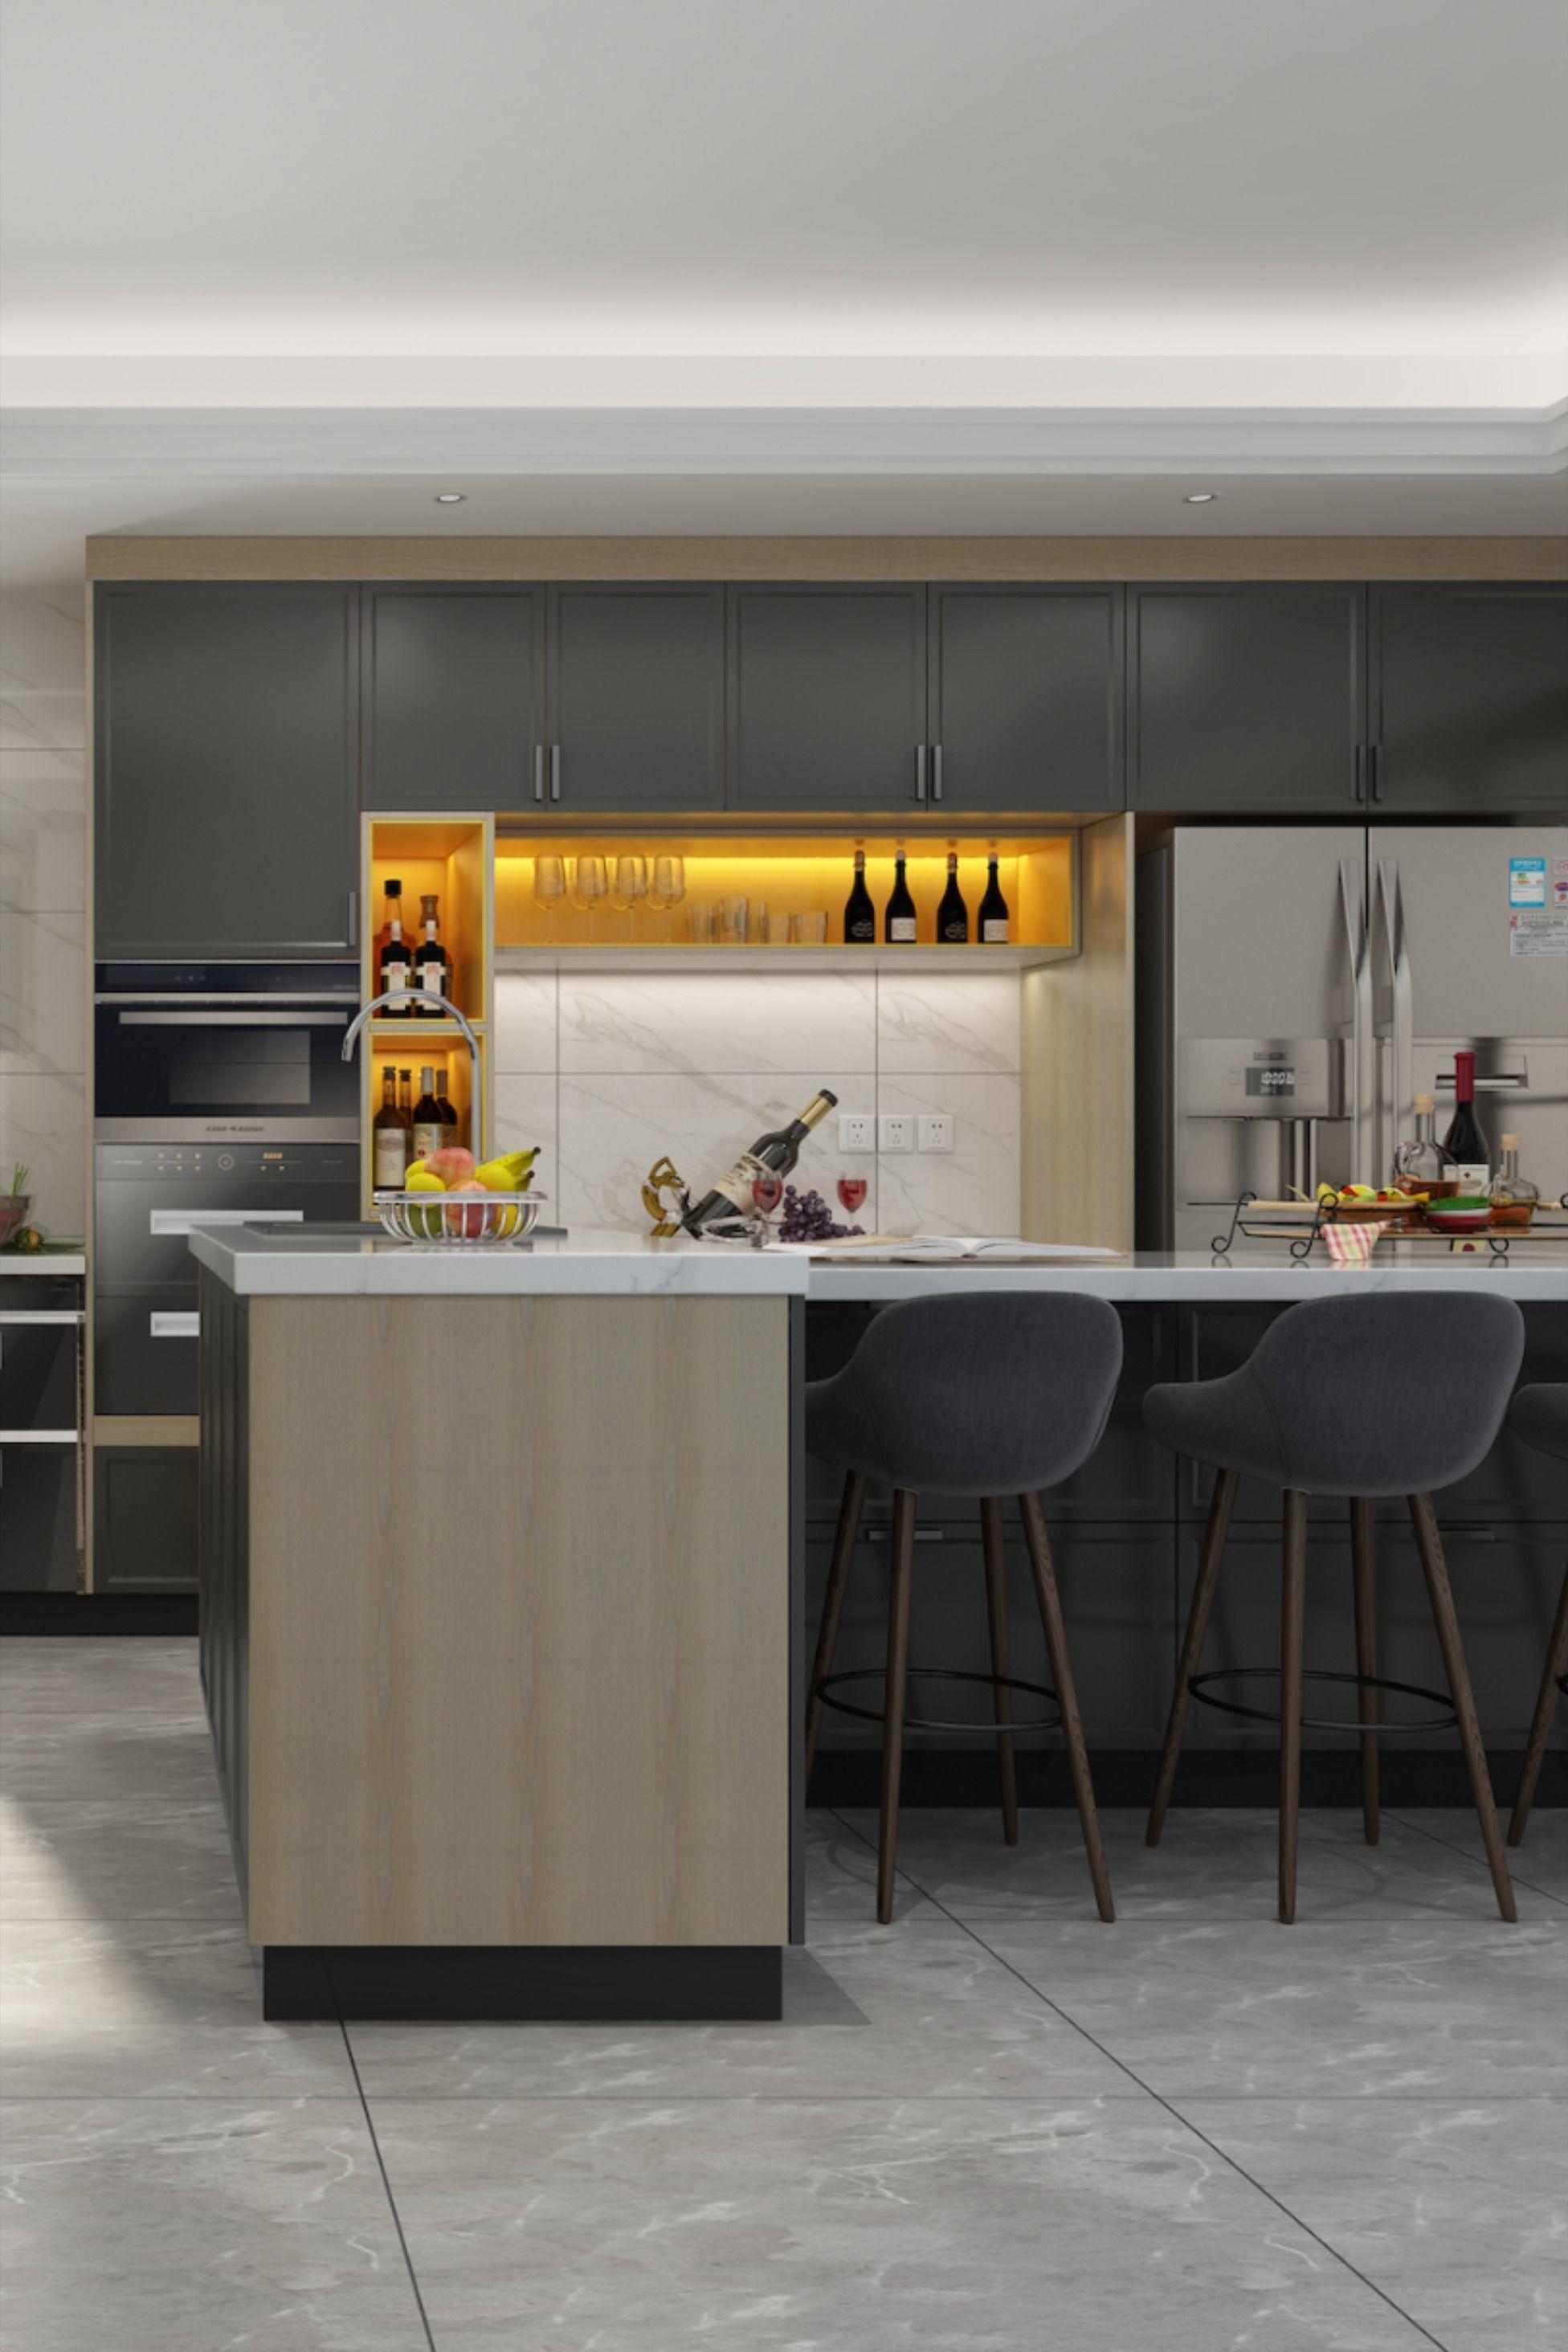 Pvc Blister Kitchen Cabinet Custom Kitchen Cabinets Wooden Kitchen Cabinets Custom Kitchen